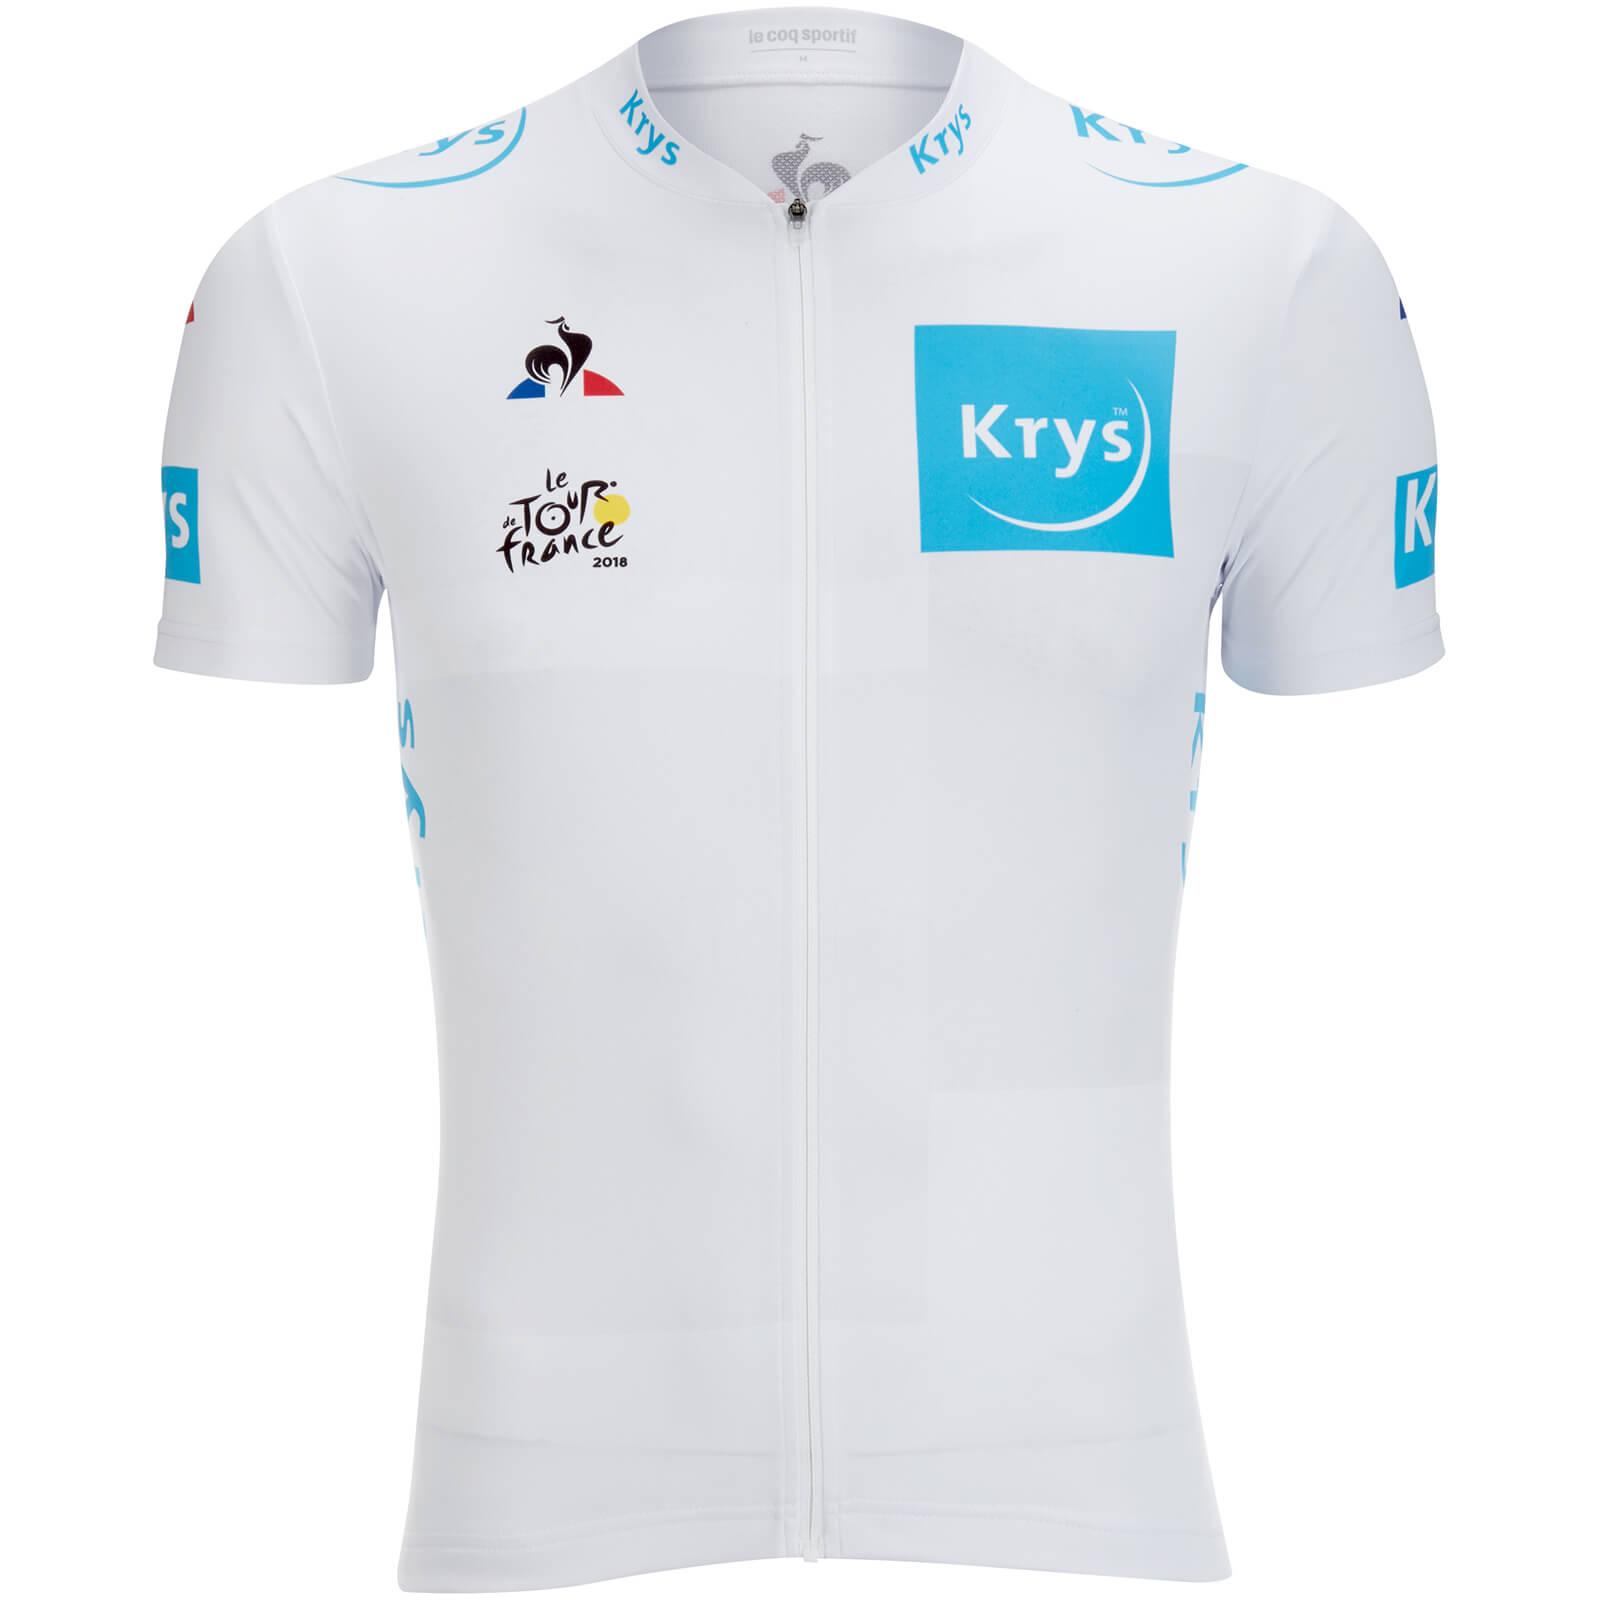 Le Coq Sportif Tour de France 2018 Young Riders Classification Official  Jersey - White  049d8bac3